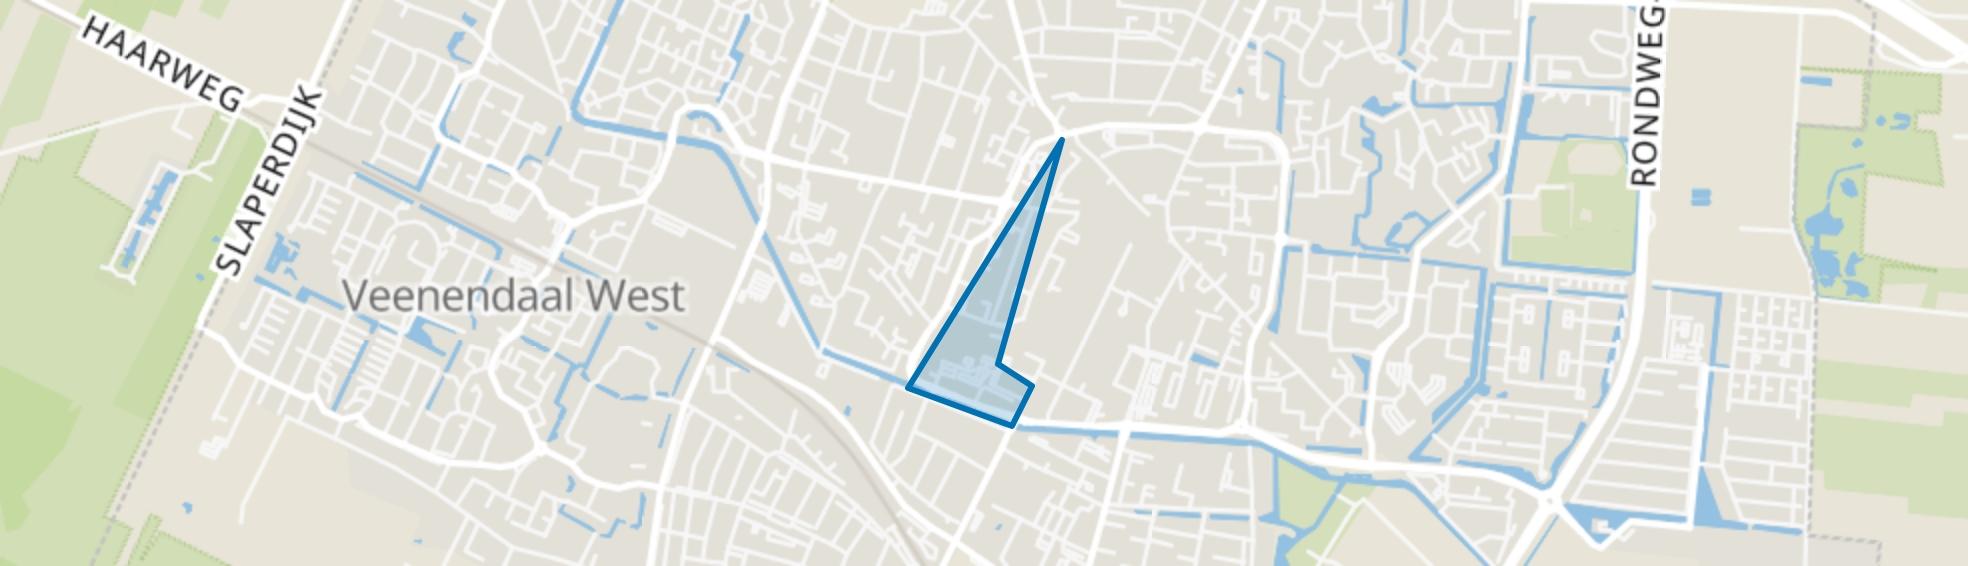 Beatrixstraat en omgeving, Veenendaal map